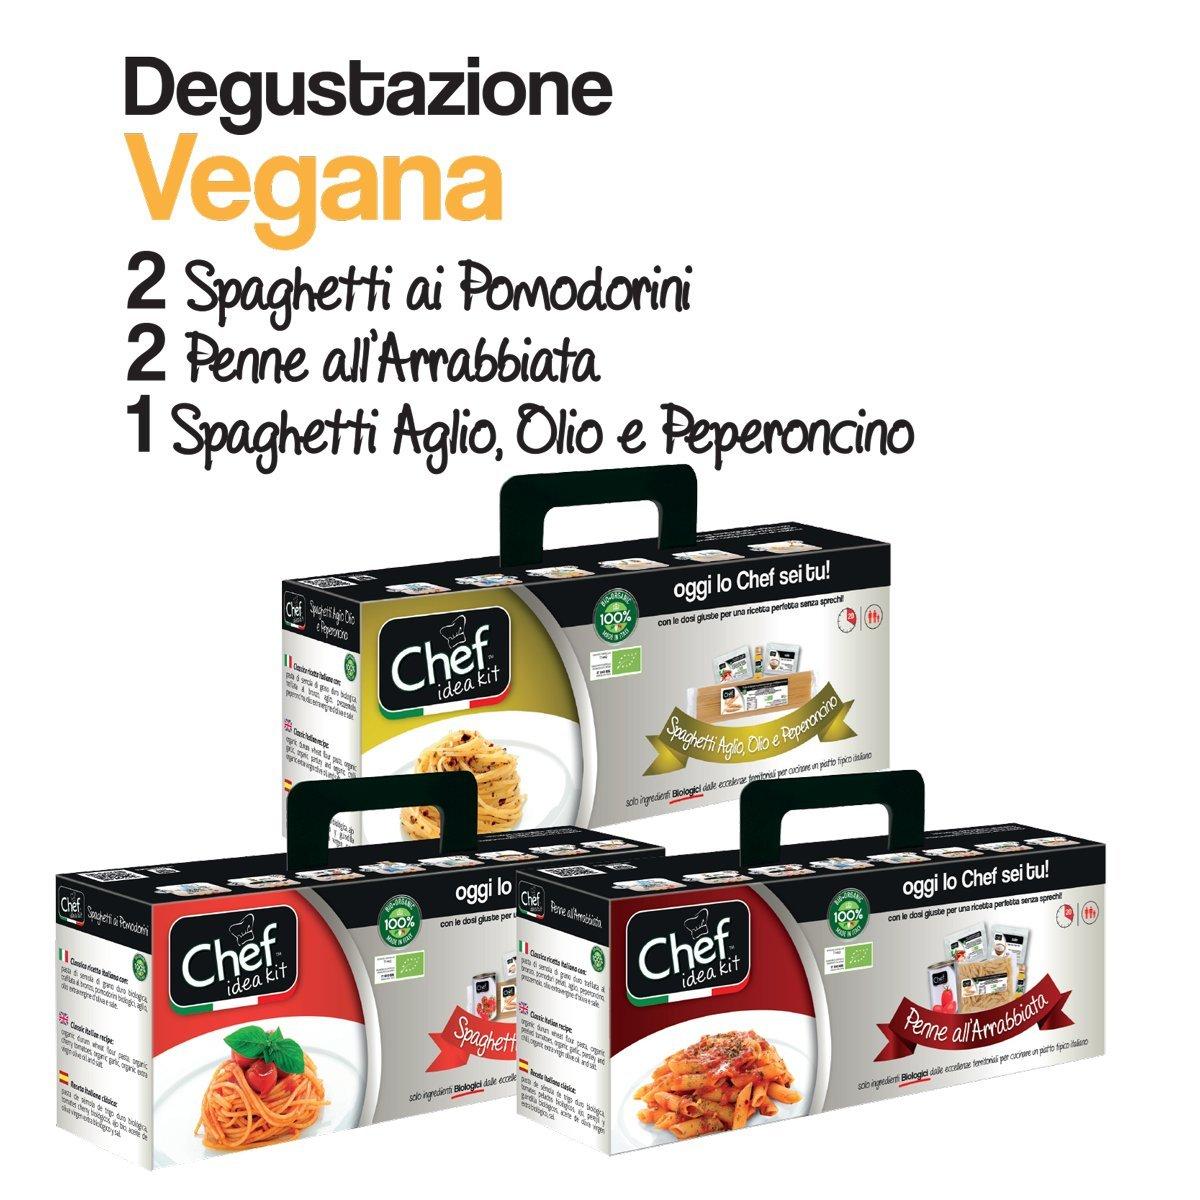 CHEF IDEA KIT - DEGUSTAZIONE PASSIONE VEGANA - 2 kit di Spaghetti ai Pomodorini + 2 kit di Penne all